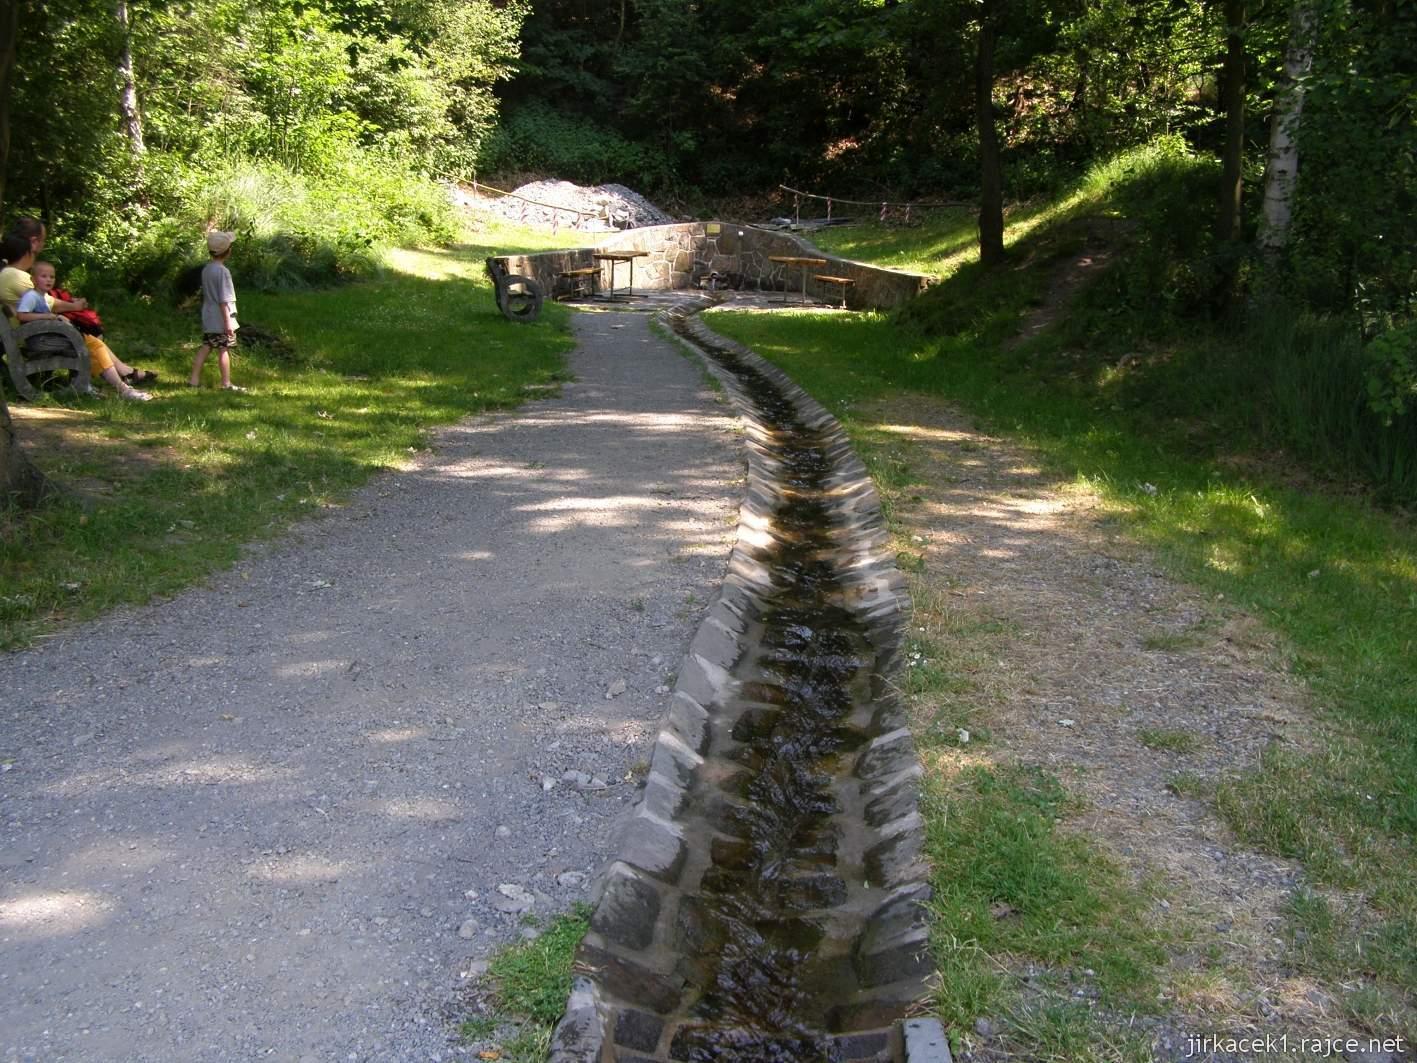 Bělá - Priessnitzovy přírodní lázně 10 - tok vody z pramene do koupacího bazénku